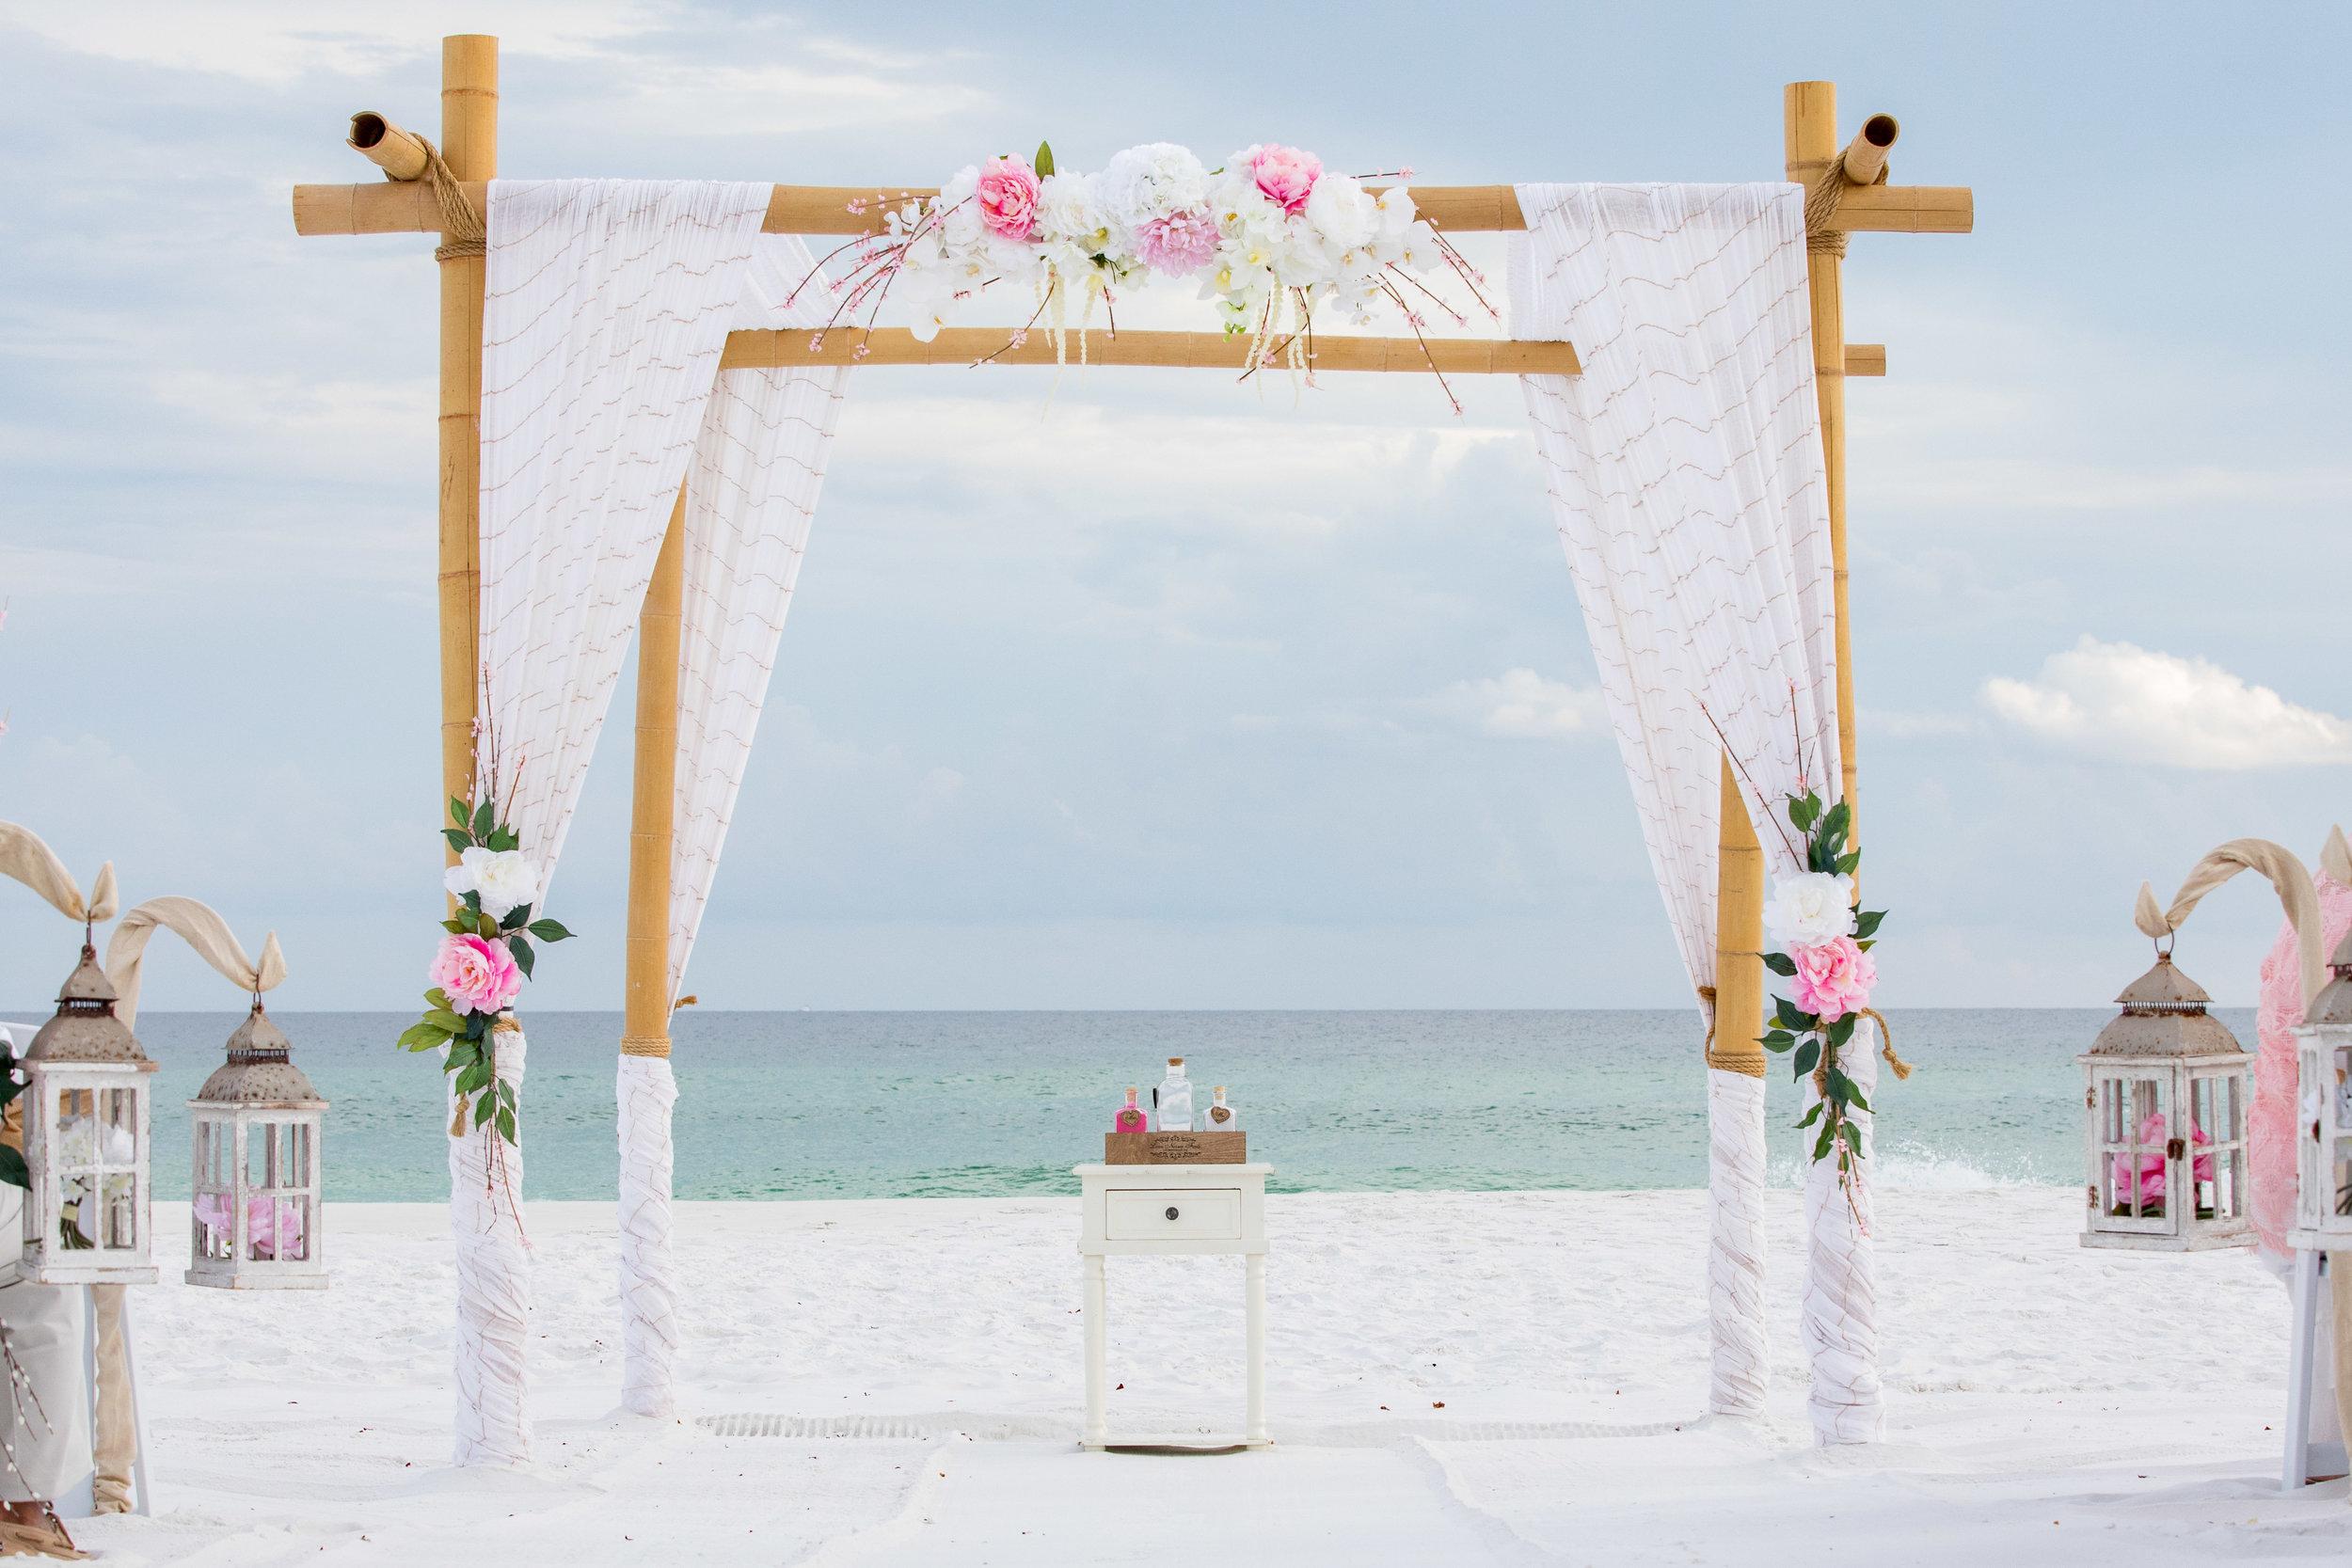 destin beach wedding package picture95_ (1).jpg